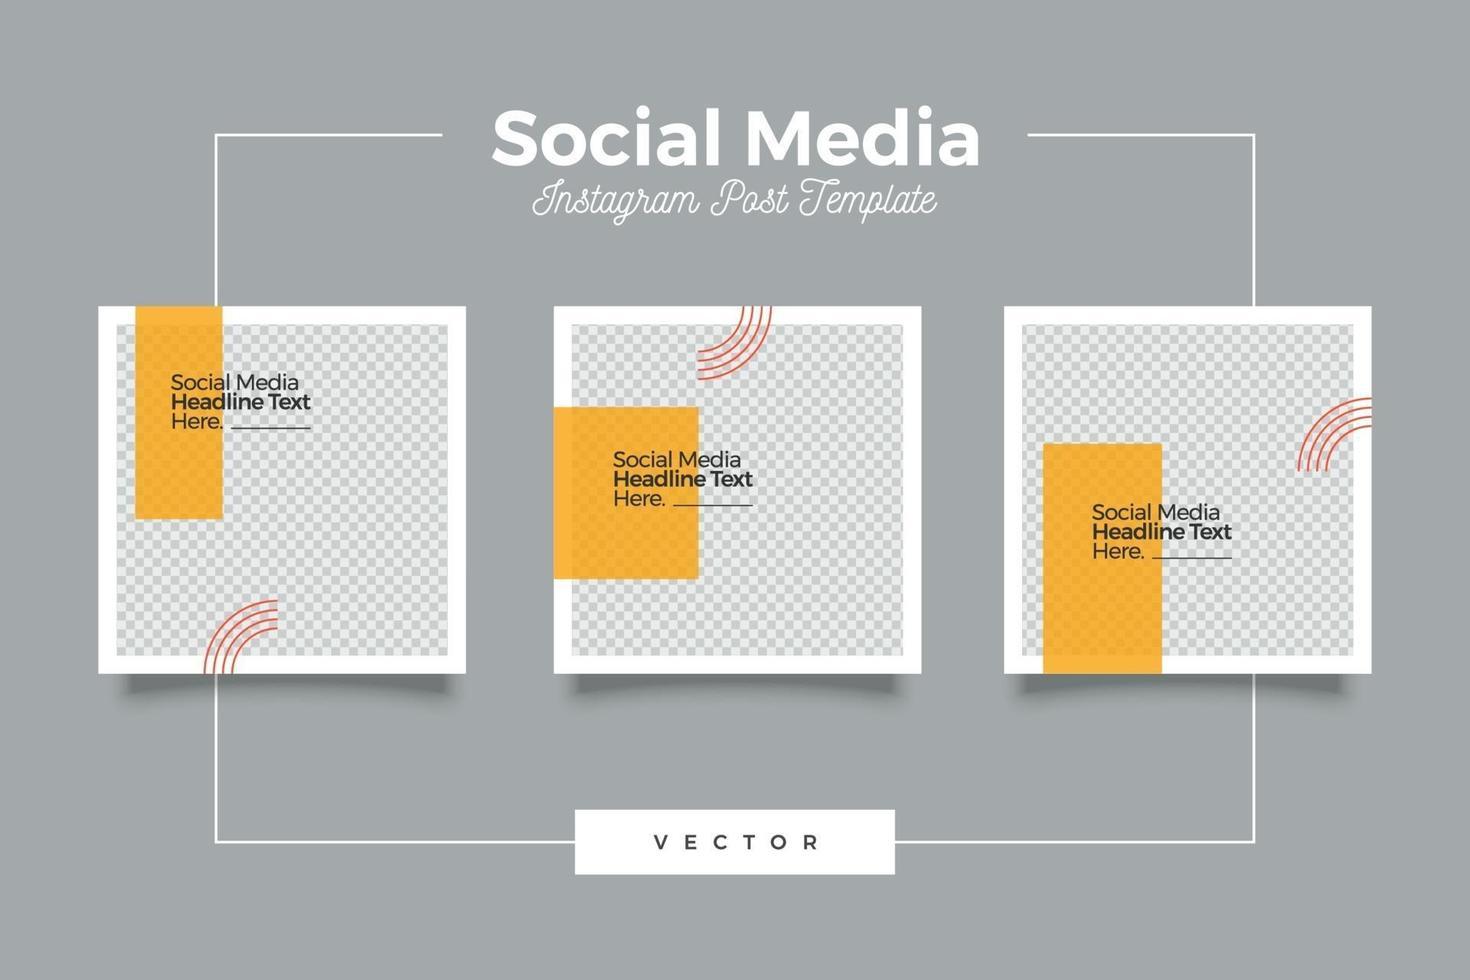 conjunto de plantillas de redes sociales modernas y limpias vector